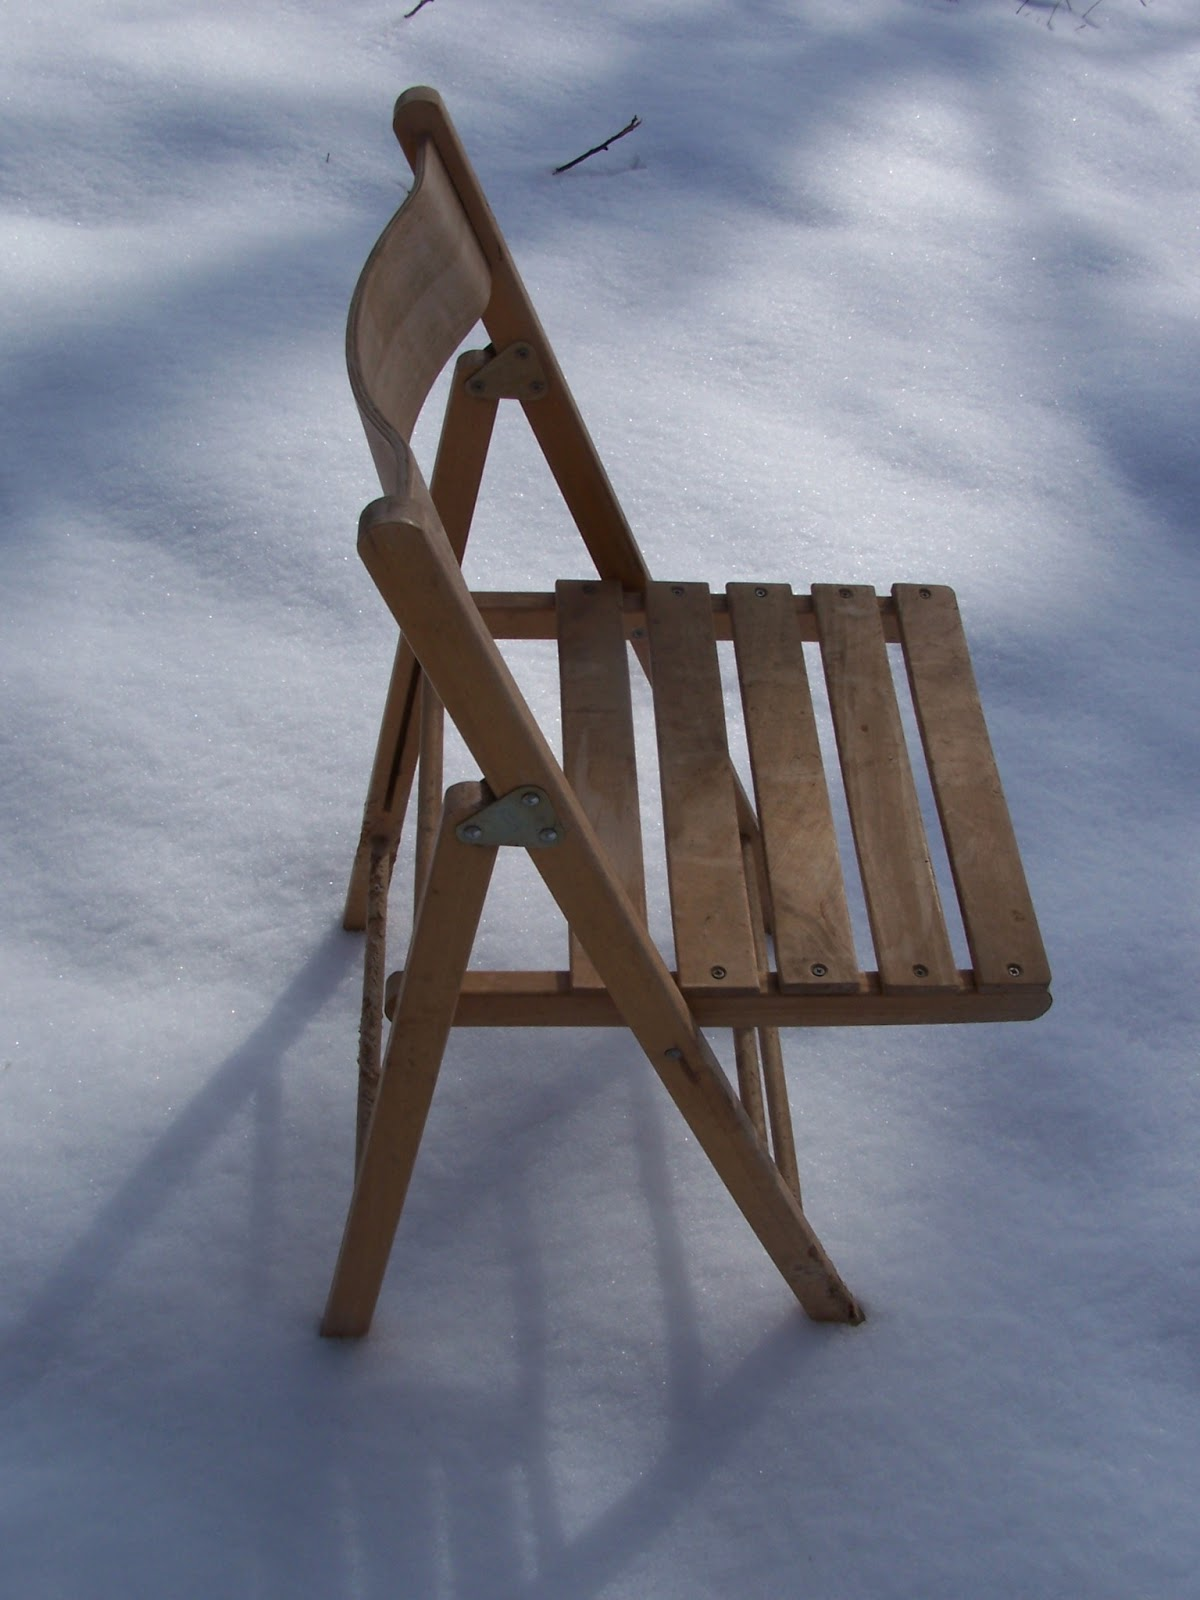 LA CIVILTA DEL FOTTERE: Sulla sedia